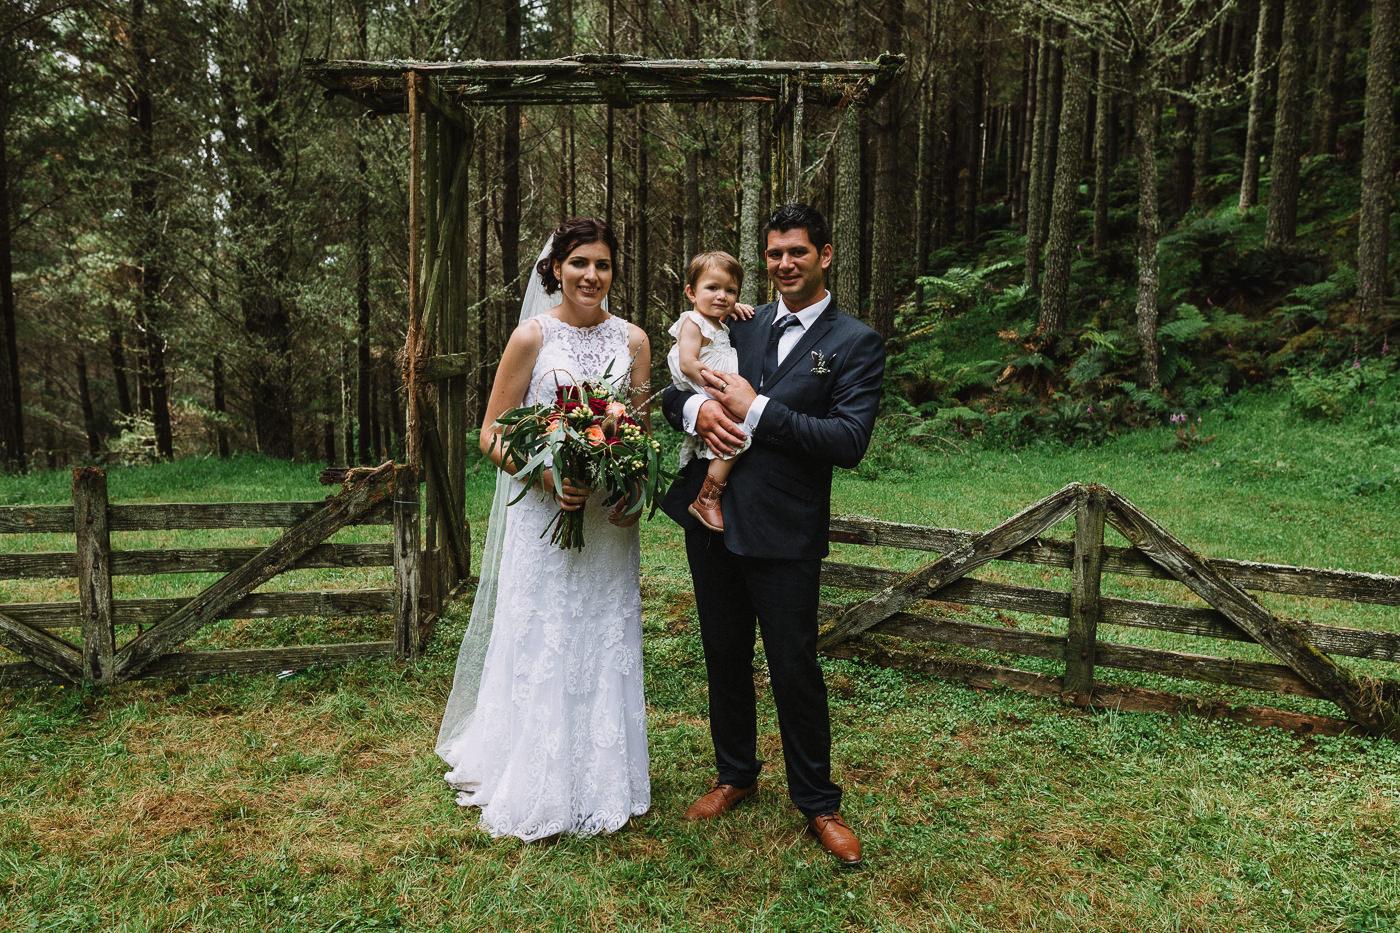 nz_wedding_photographer_gisborne-1156.jpg